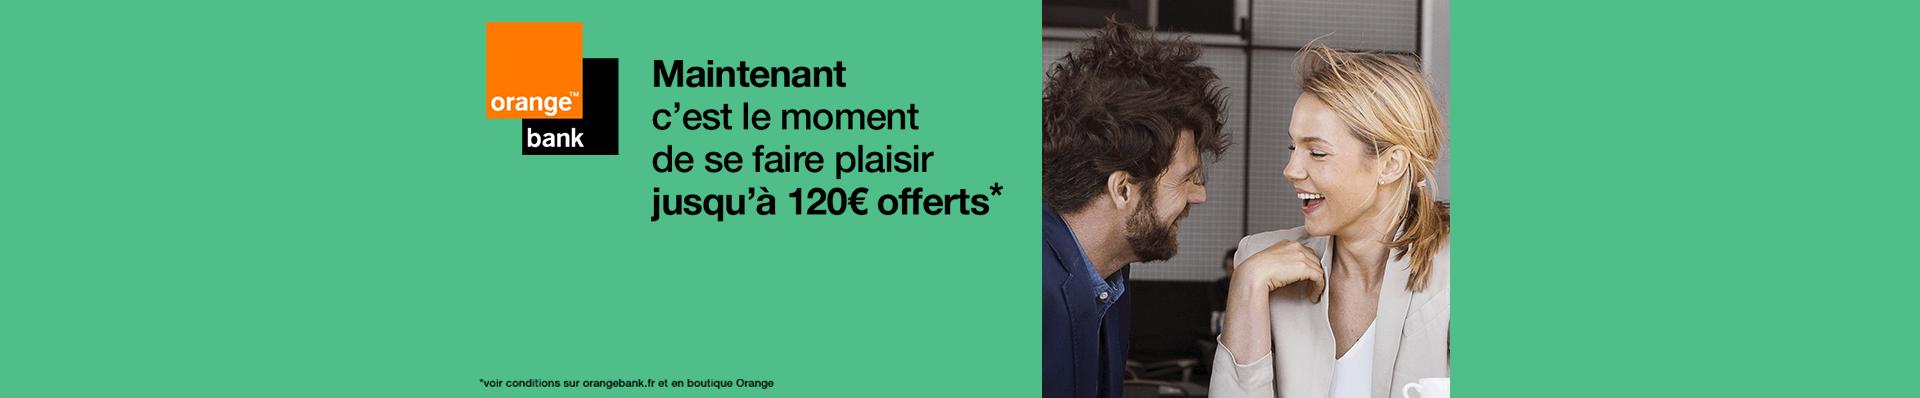 Orange Bank, Jusqu'à 120€ offert